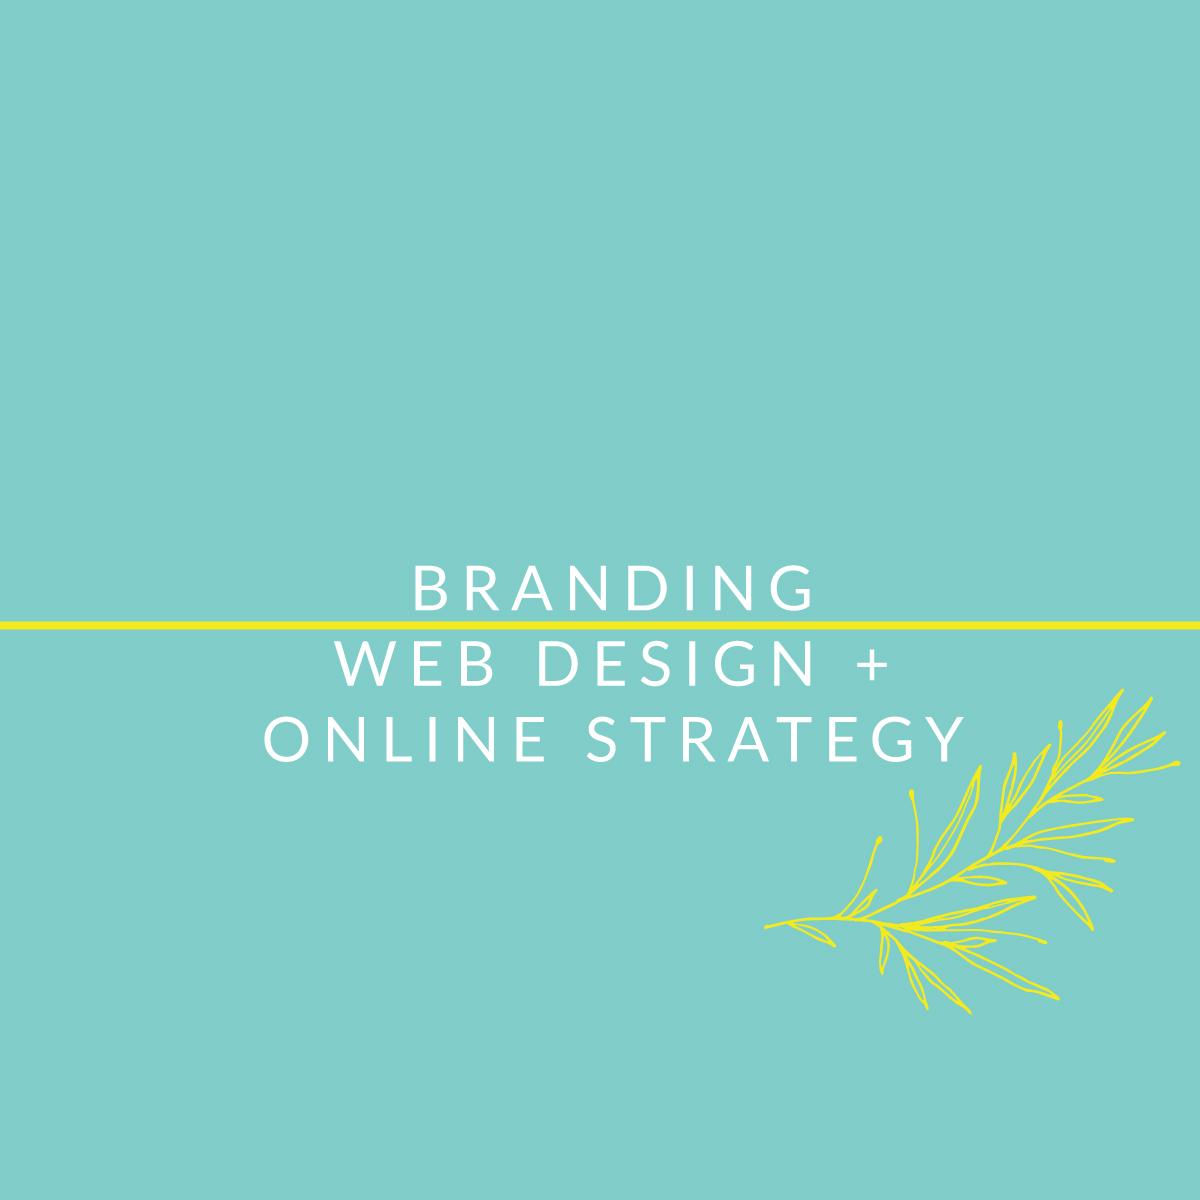 unbeatenstudio-package-branding-websdesign-online-strategy.jpg